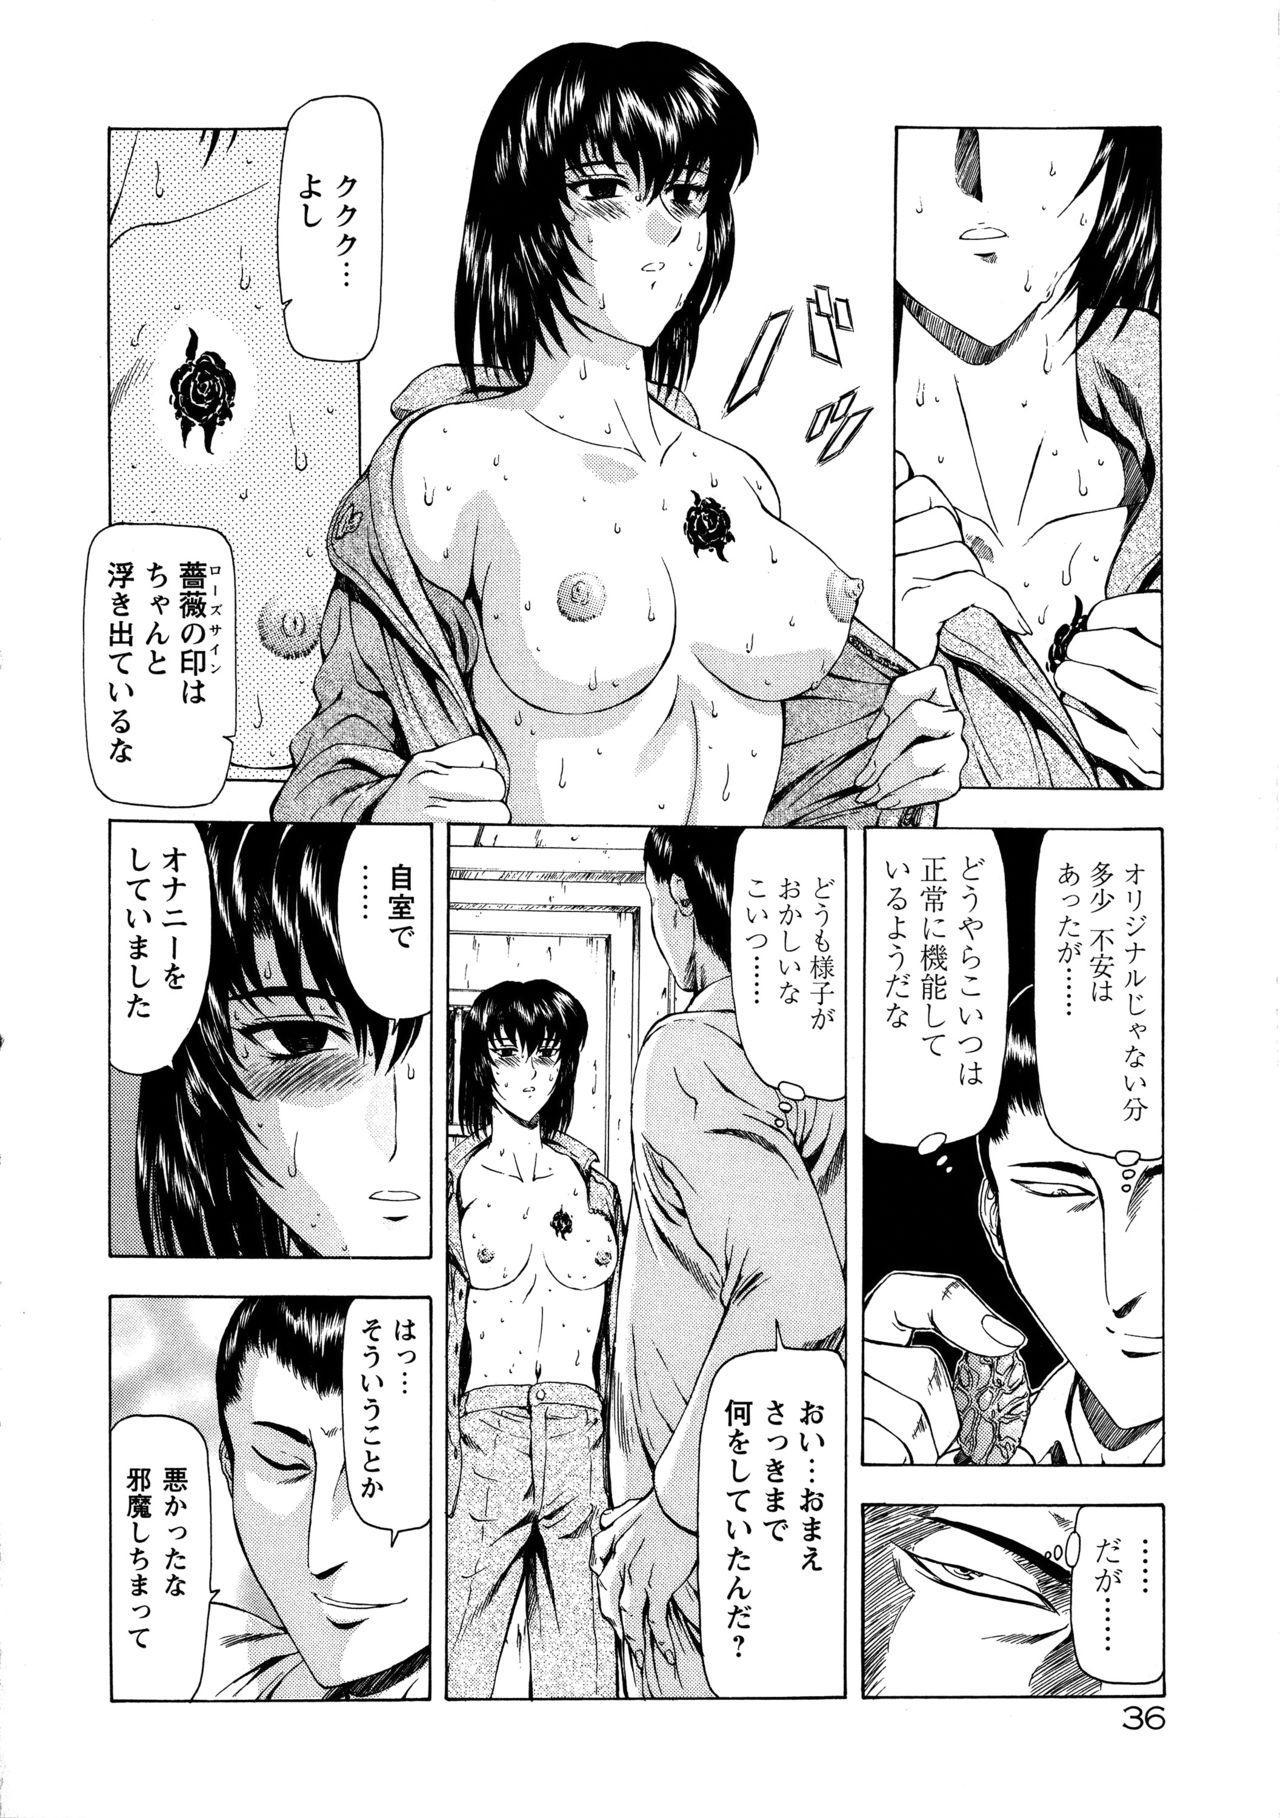 Ginryuu no Reimei Vol. 1 43